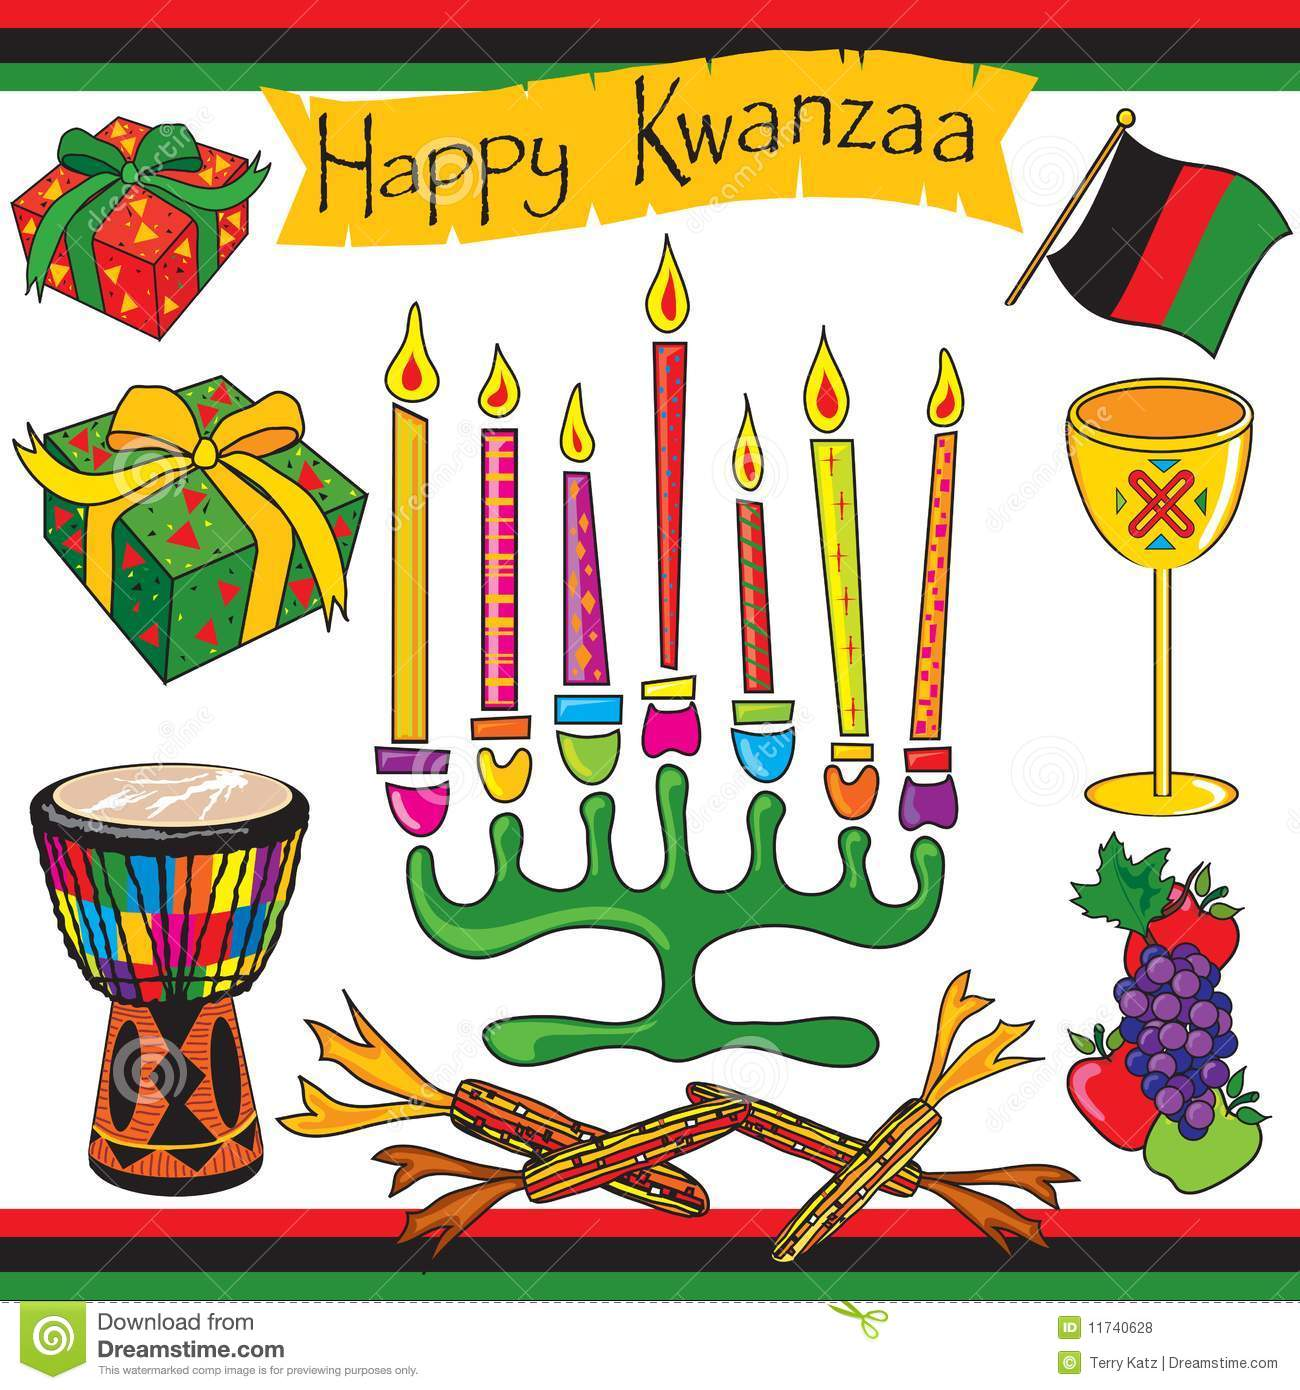 Happy Kwanzaa clip art and icons-Happy Kwanzaa clip art and icons-7